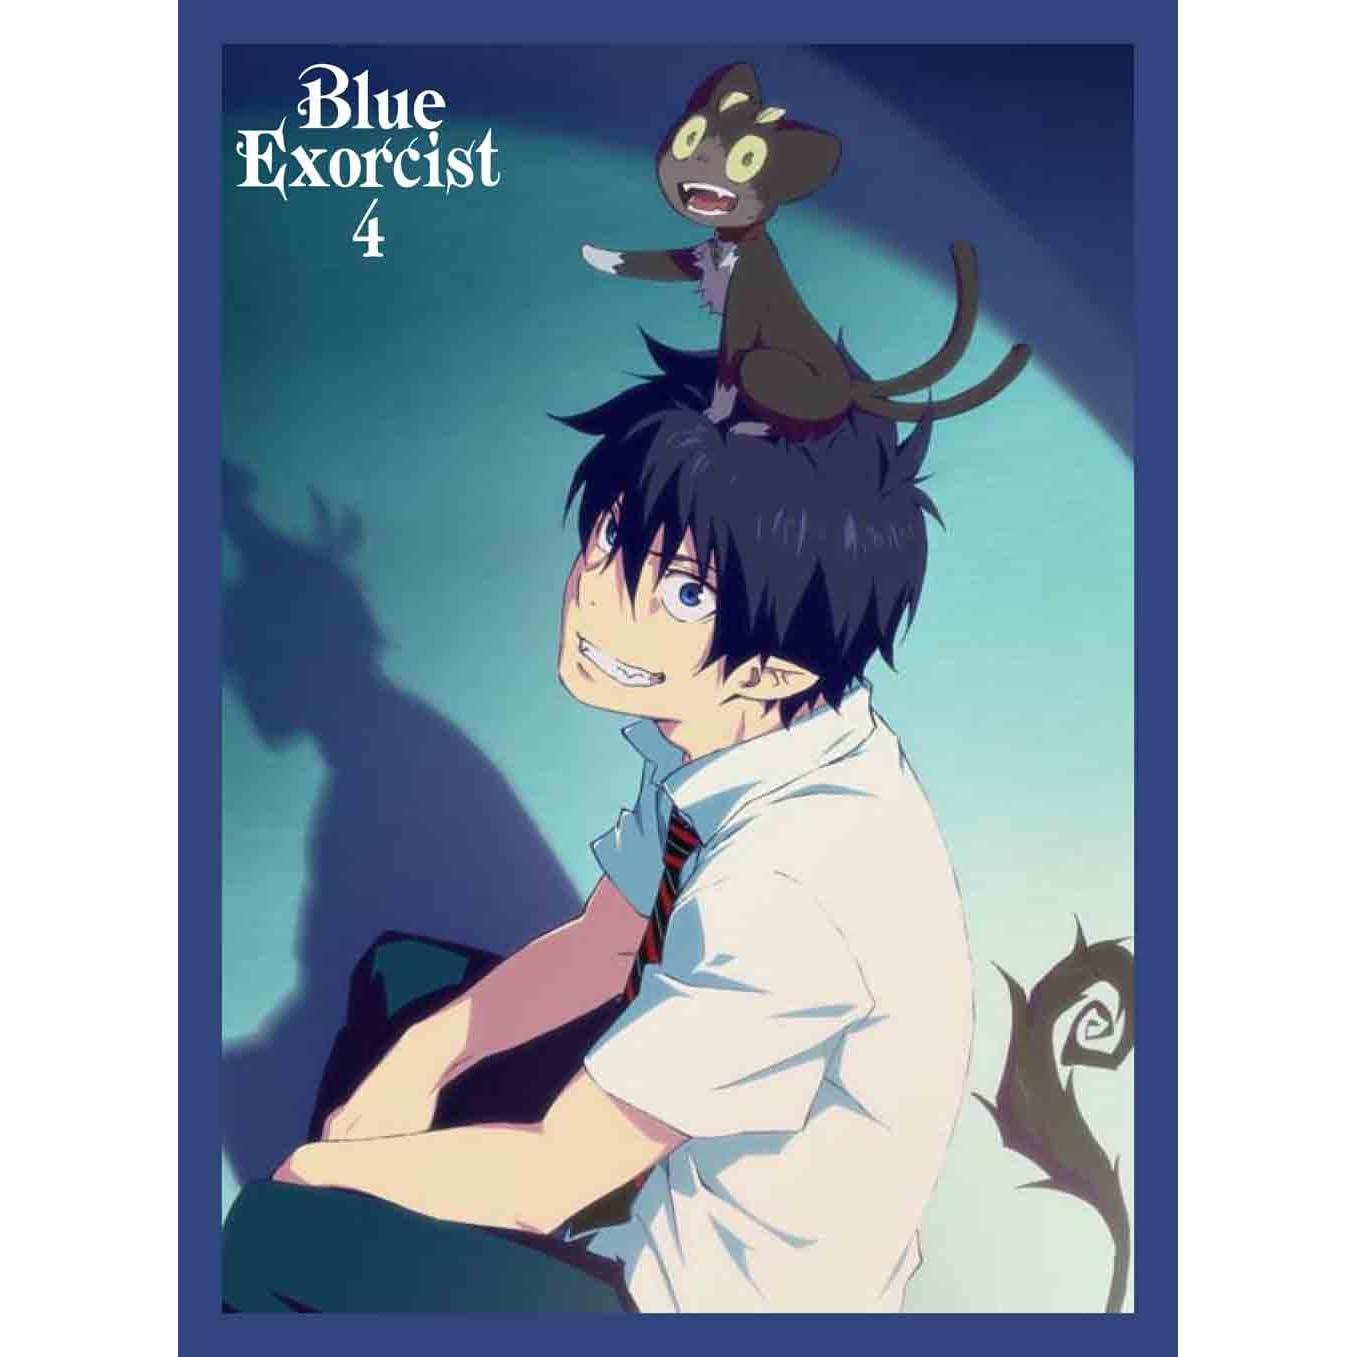 青の祓魔師 4 【完全生産限定版】 [Blu-ray]